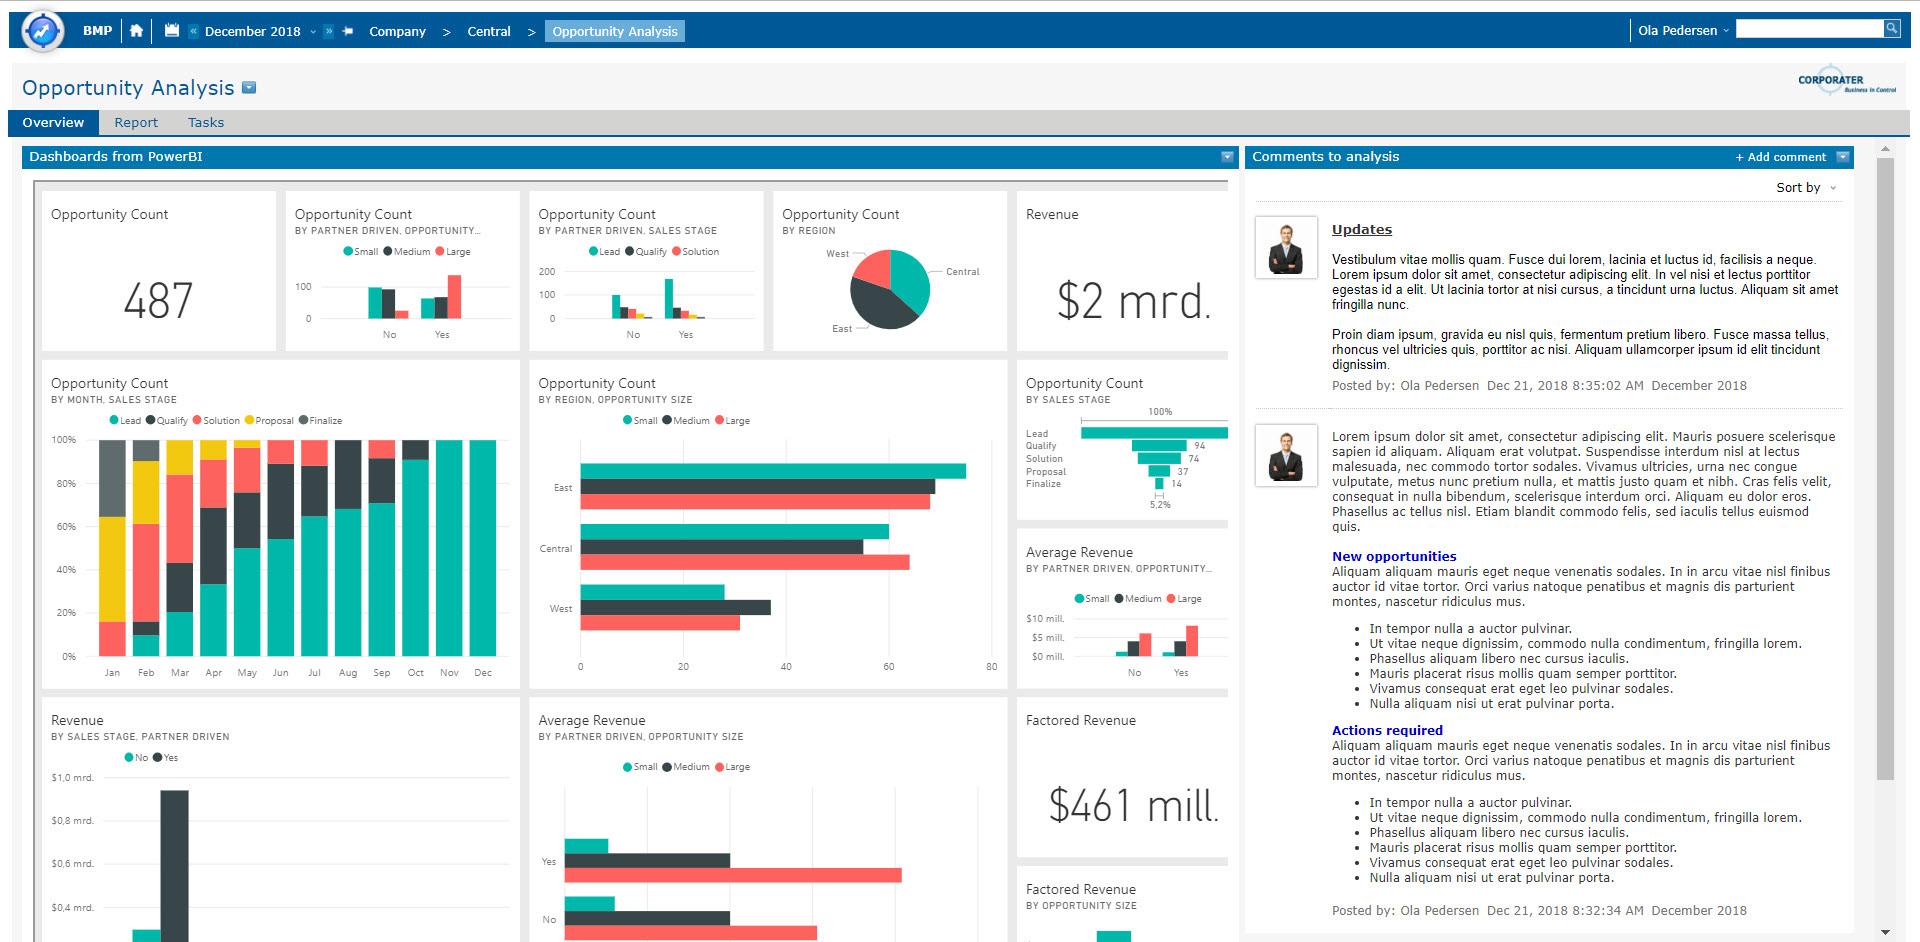 Eksempel på analyse fra Power BI tilgjengelig i Corporater